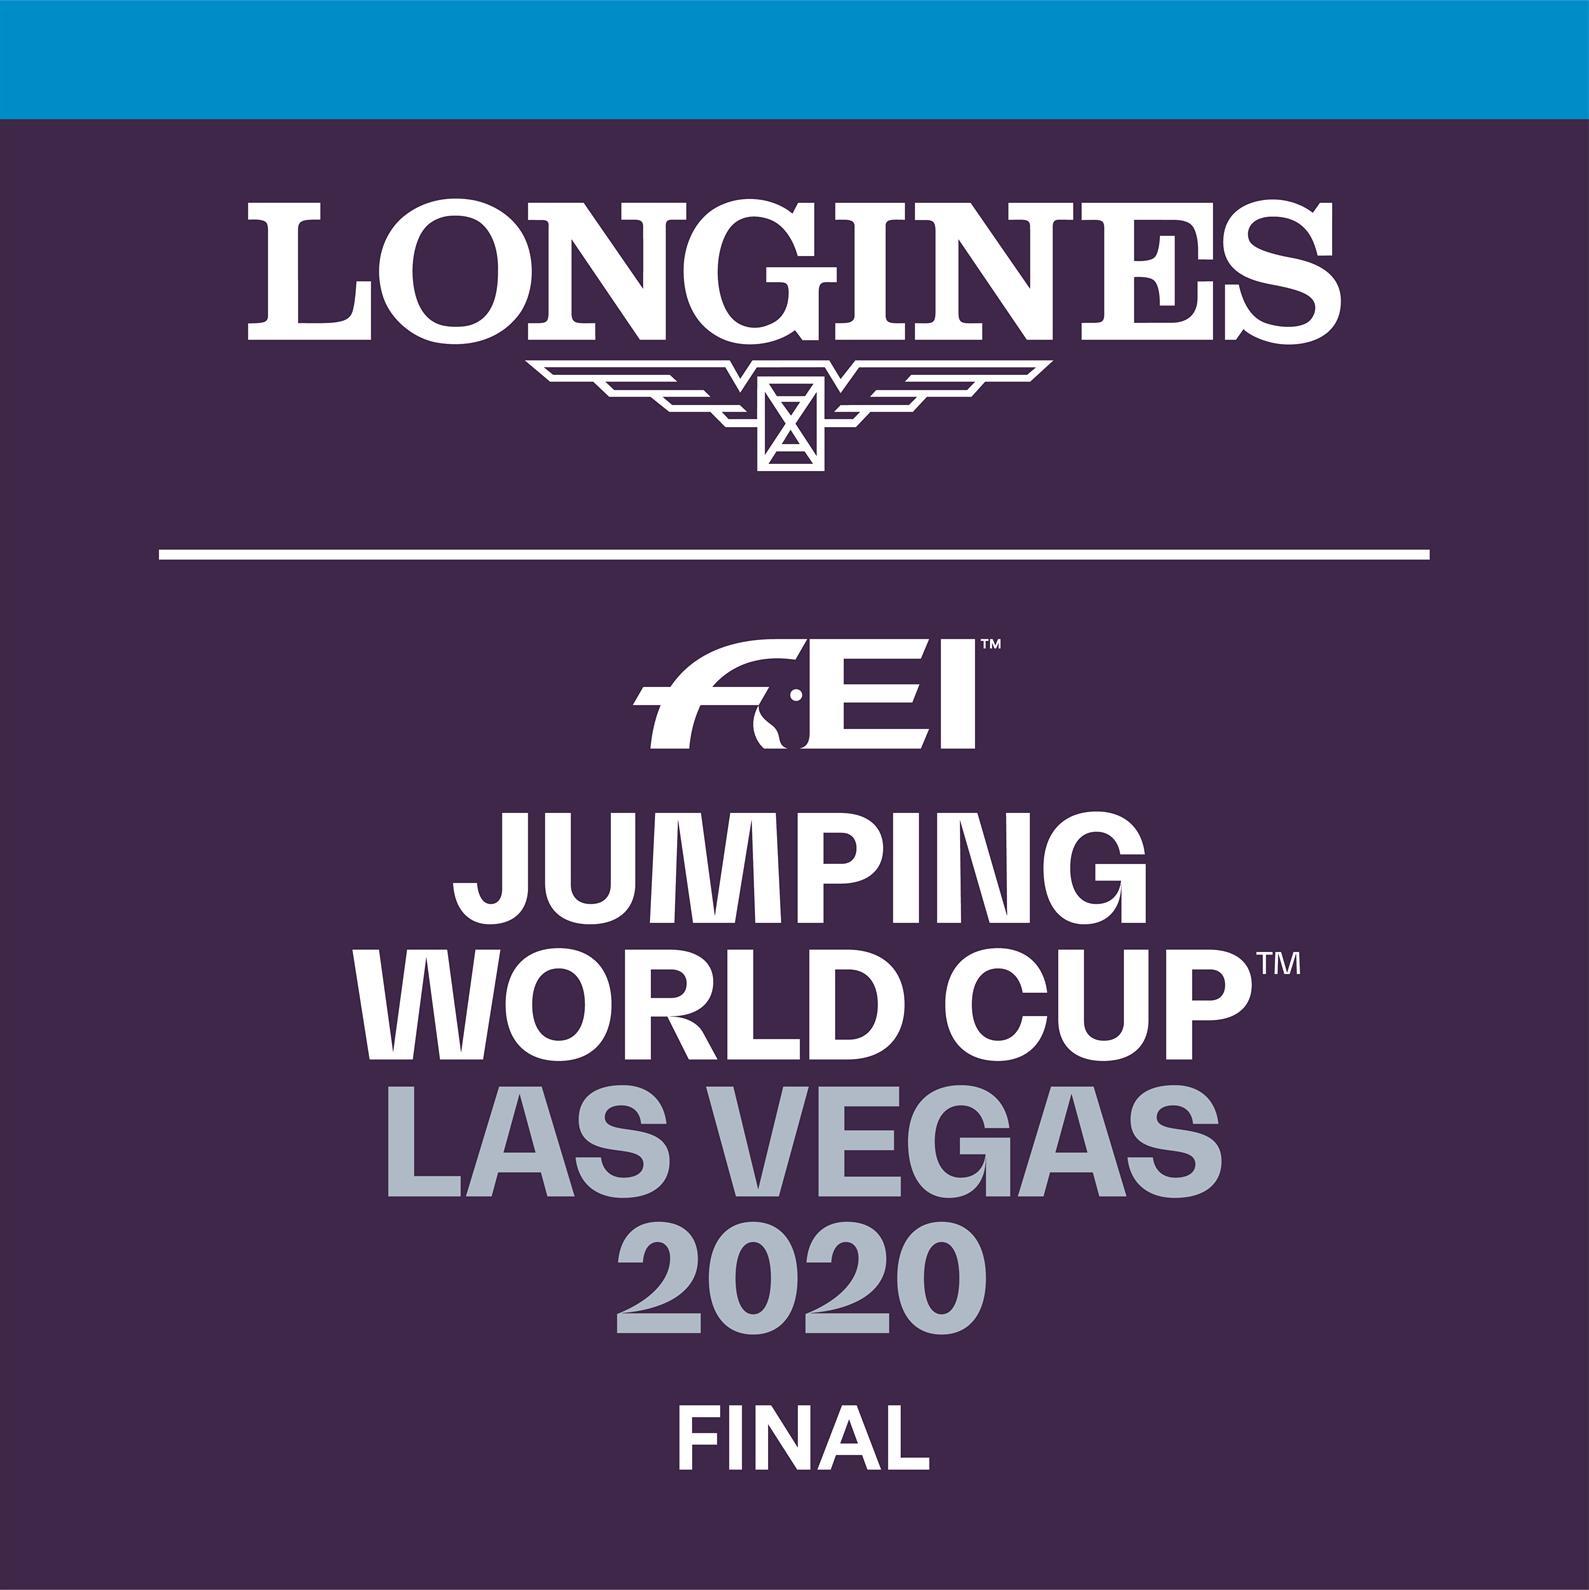 Jumping World Cup Finals - Las Vegas 2020